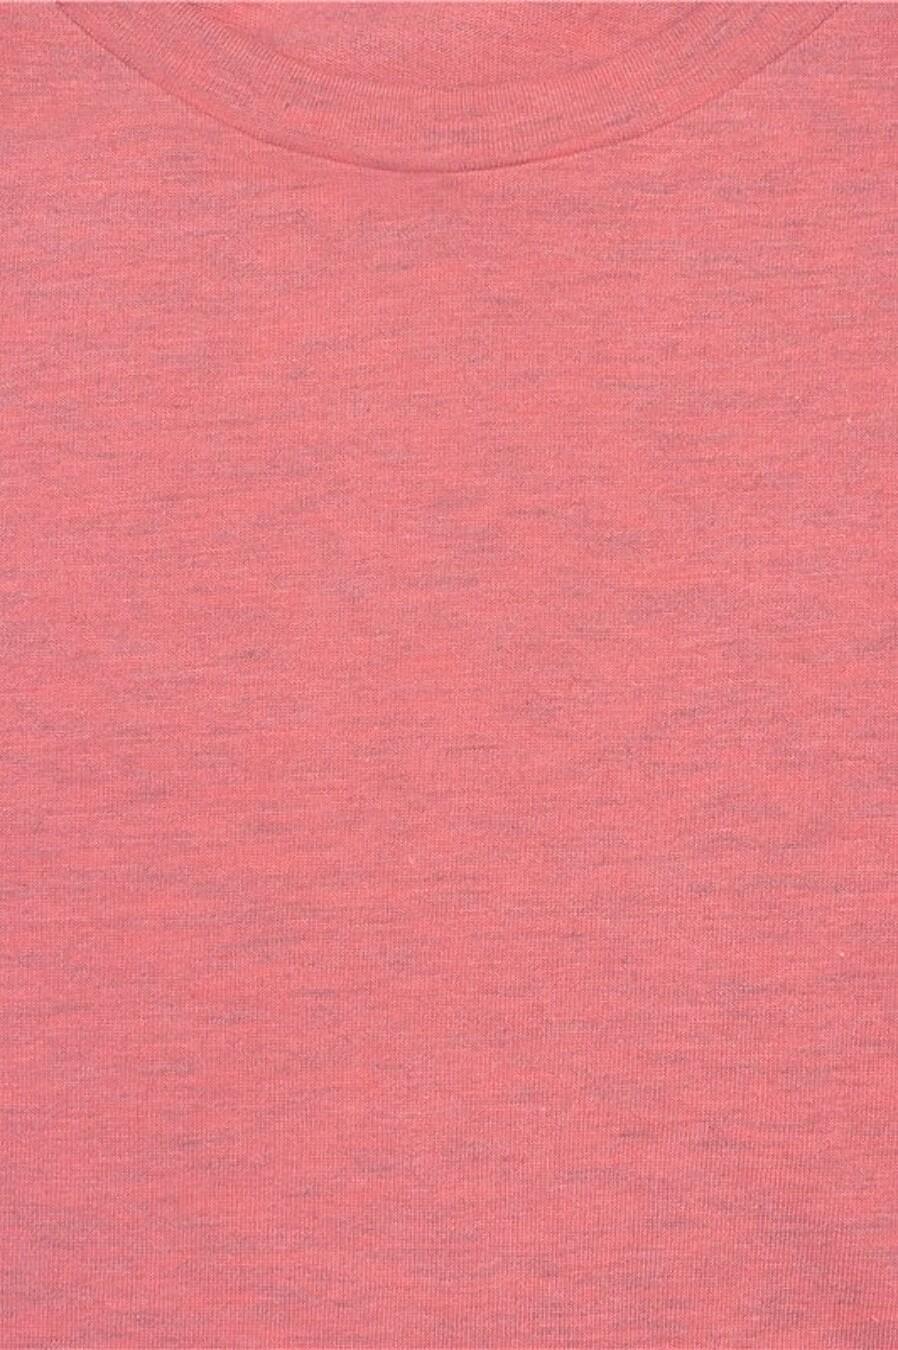 Футболка  для женщин АПРЕЛЬ 707973 купить оптом от производителя. Совместная покупка женской одежды в OptMoyo